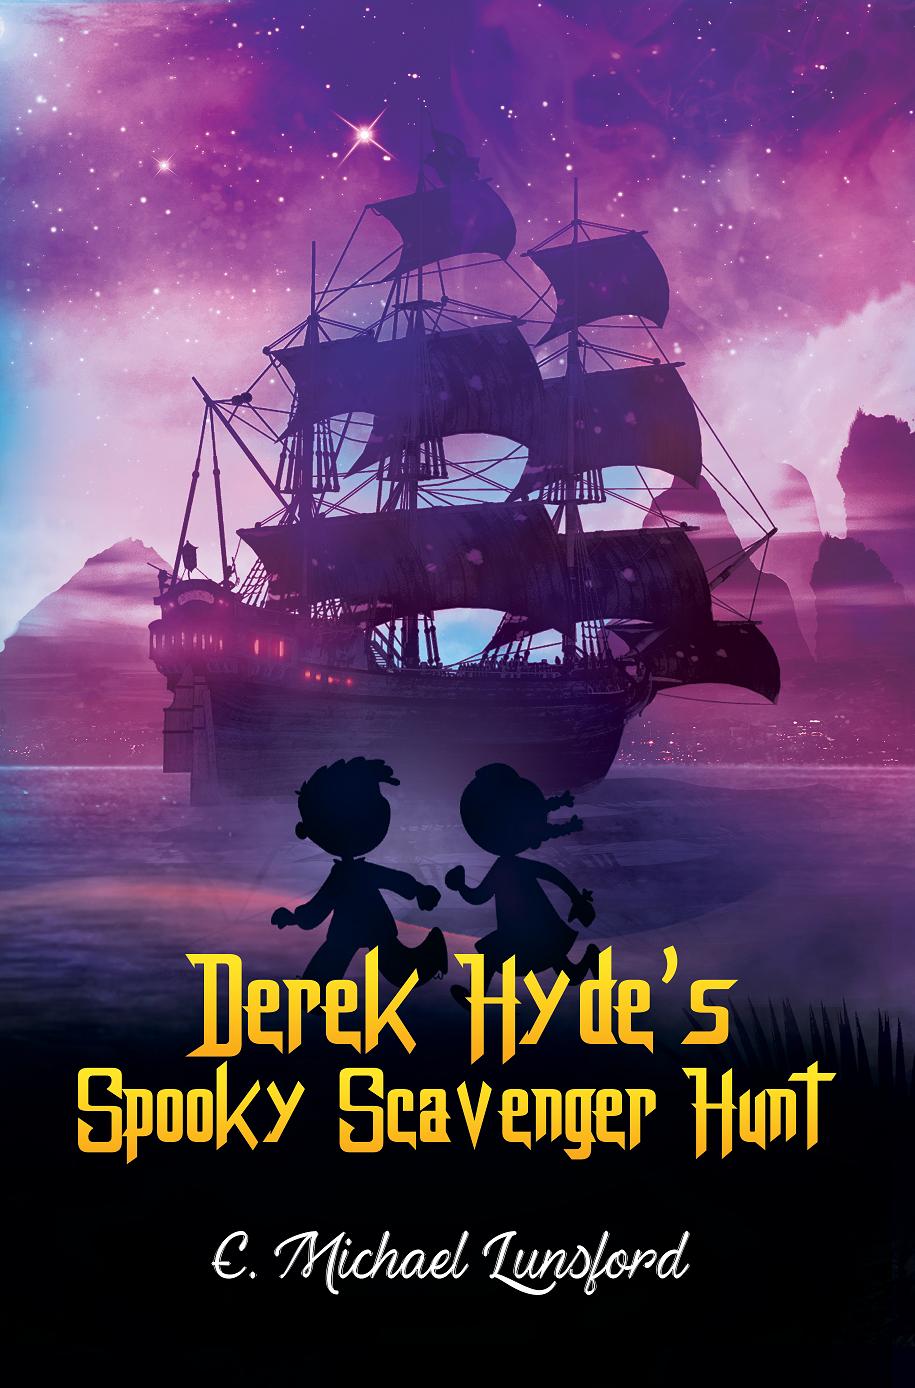 Derek Hyde's Spooky Scavenger Hunt cover